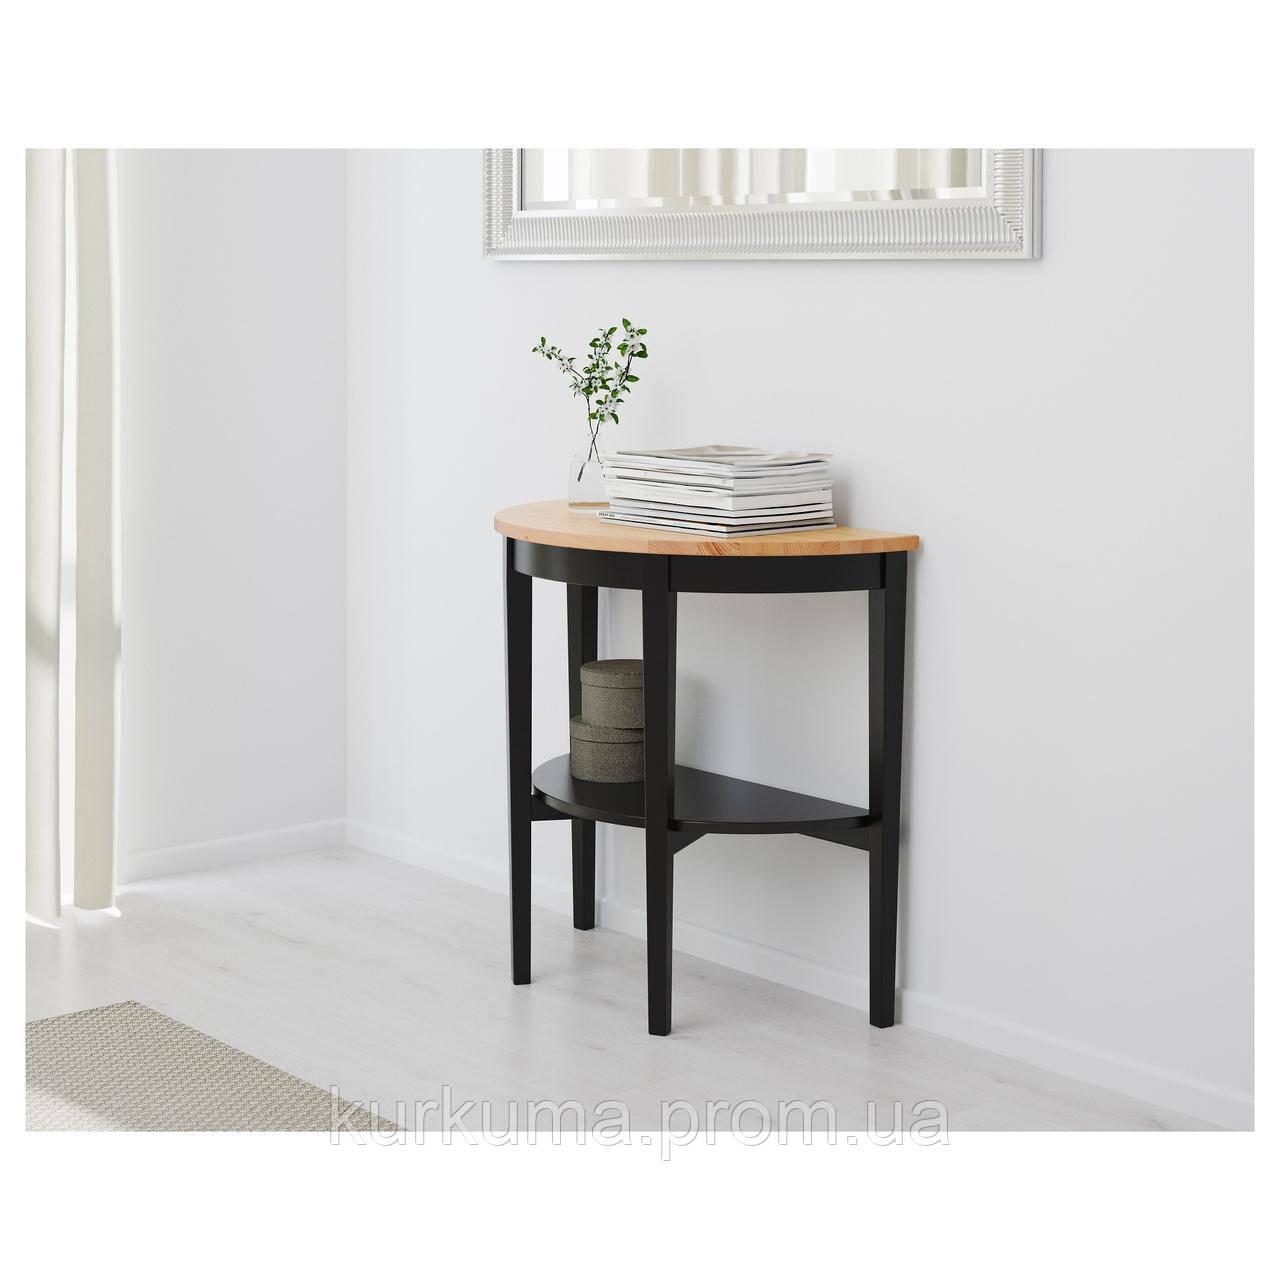 IKEA ARKELSTORP Стол пристенный, черный  (902.785.88)